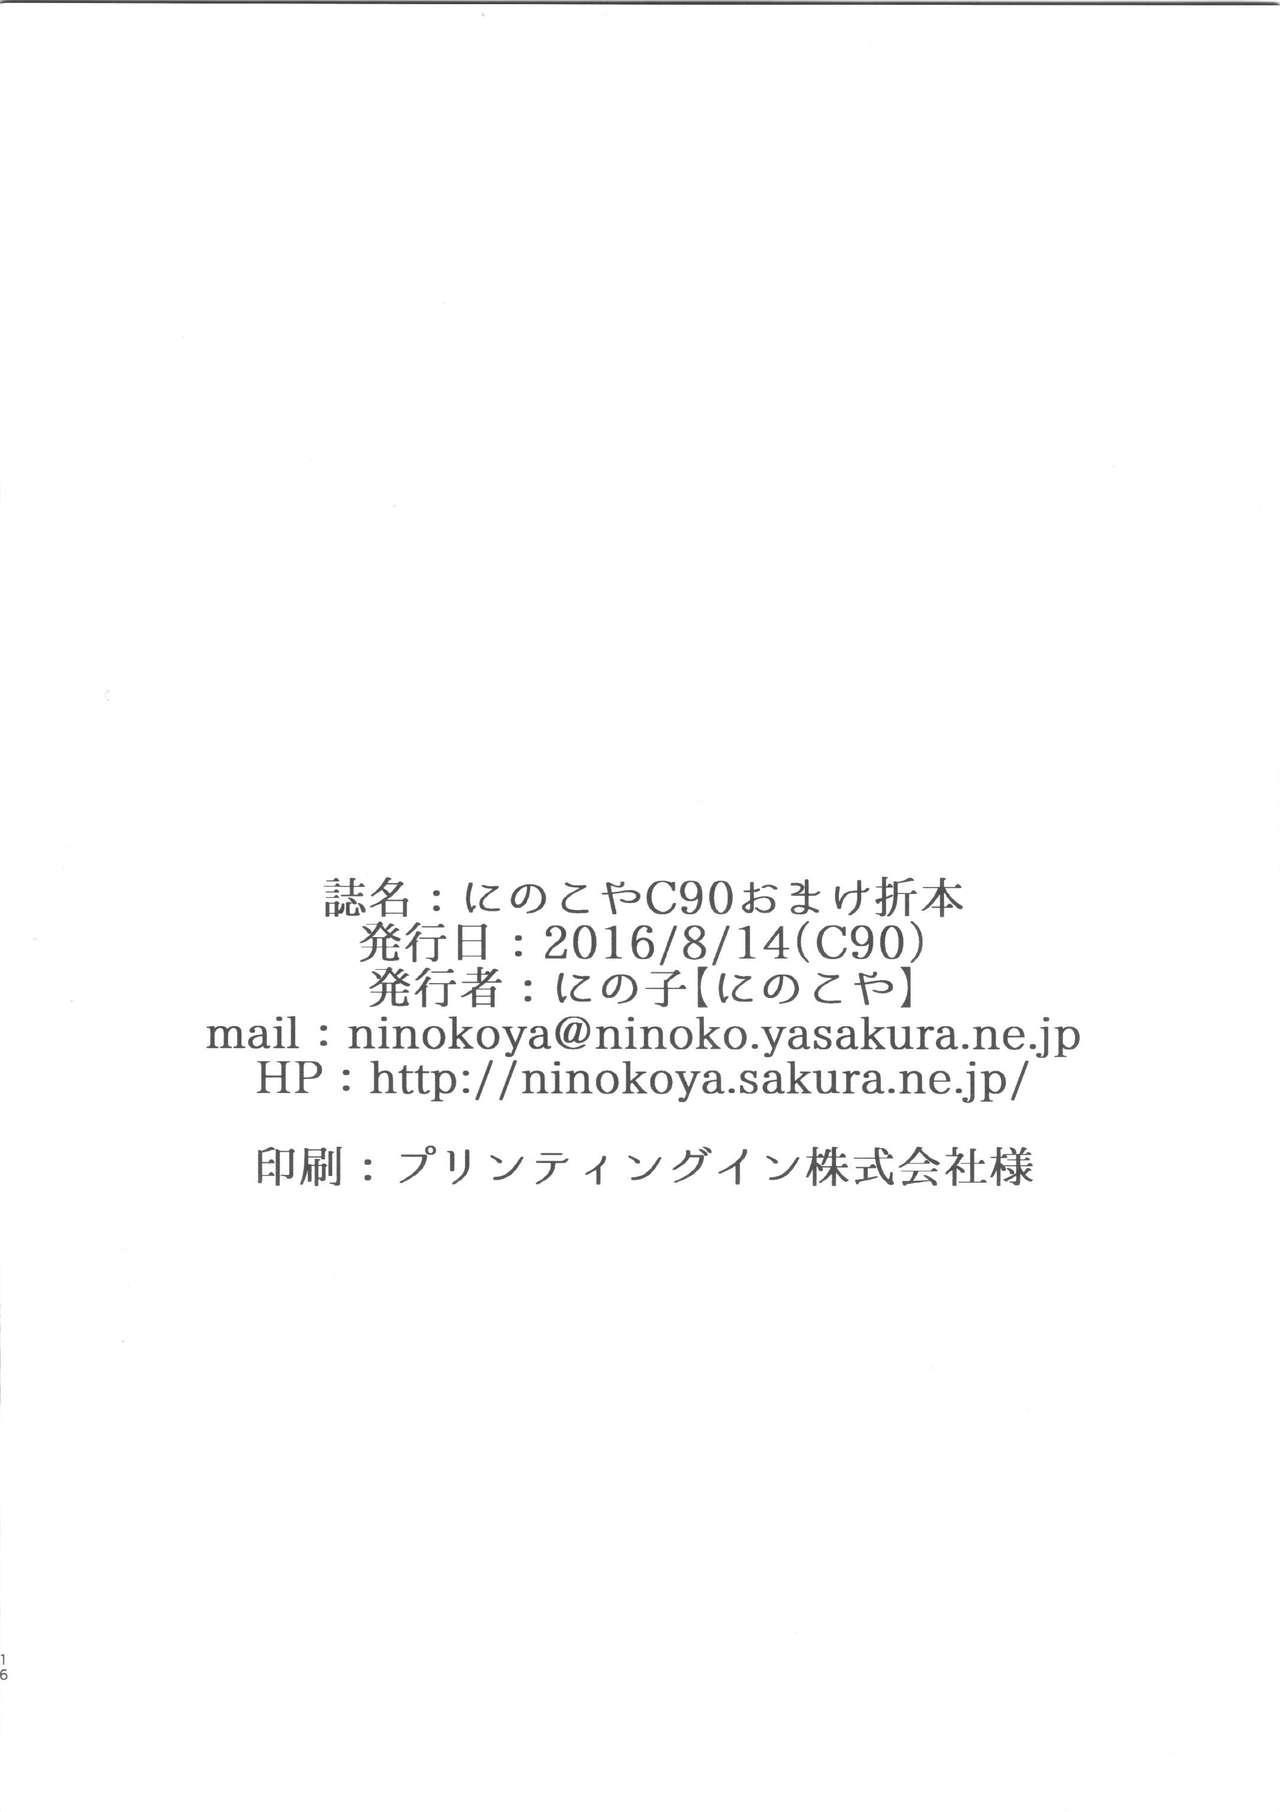 Ninokoya C90 Omake Orihon 1